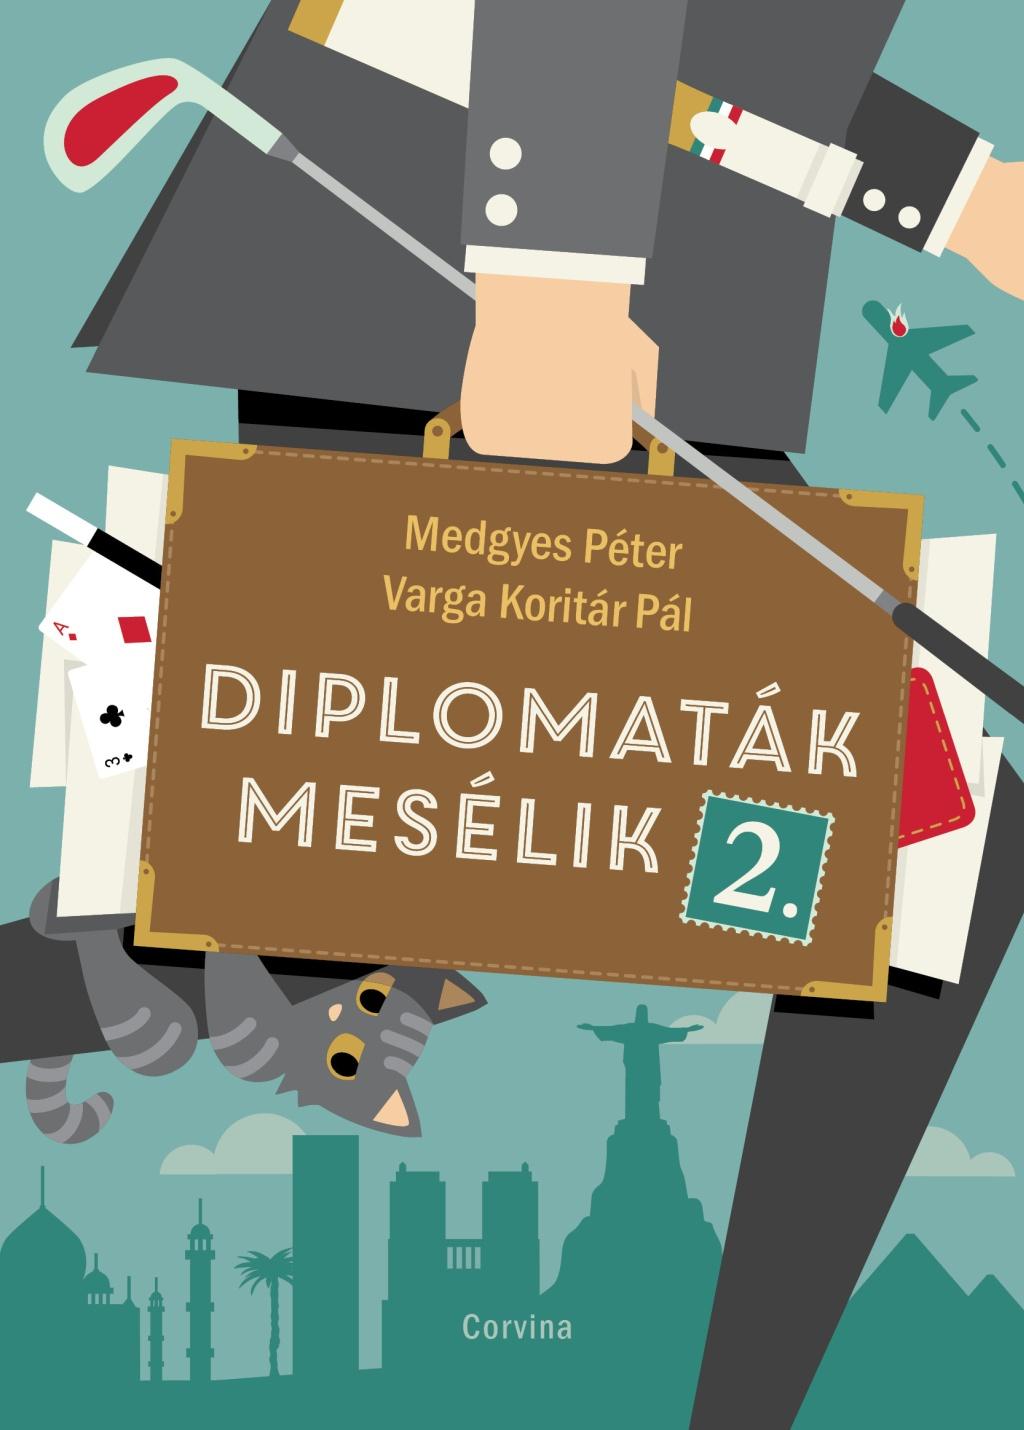 Medgyes Péter-Varga Koritár Pál - Diplomaták mesélik 2.